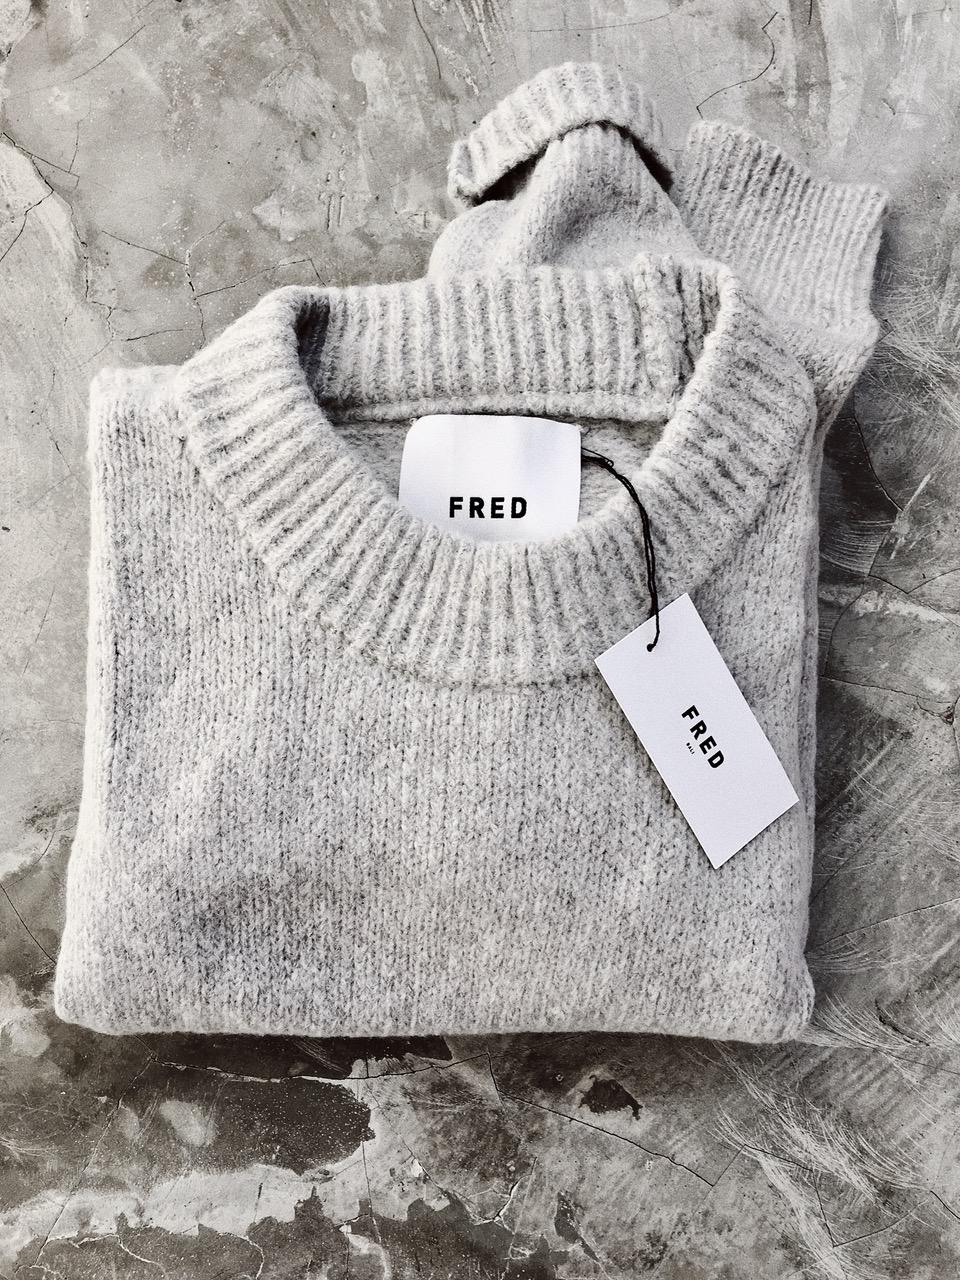 Frederique Lessard Les Basics Bali Clothing Store